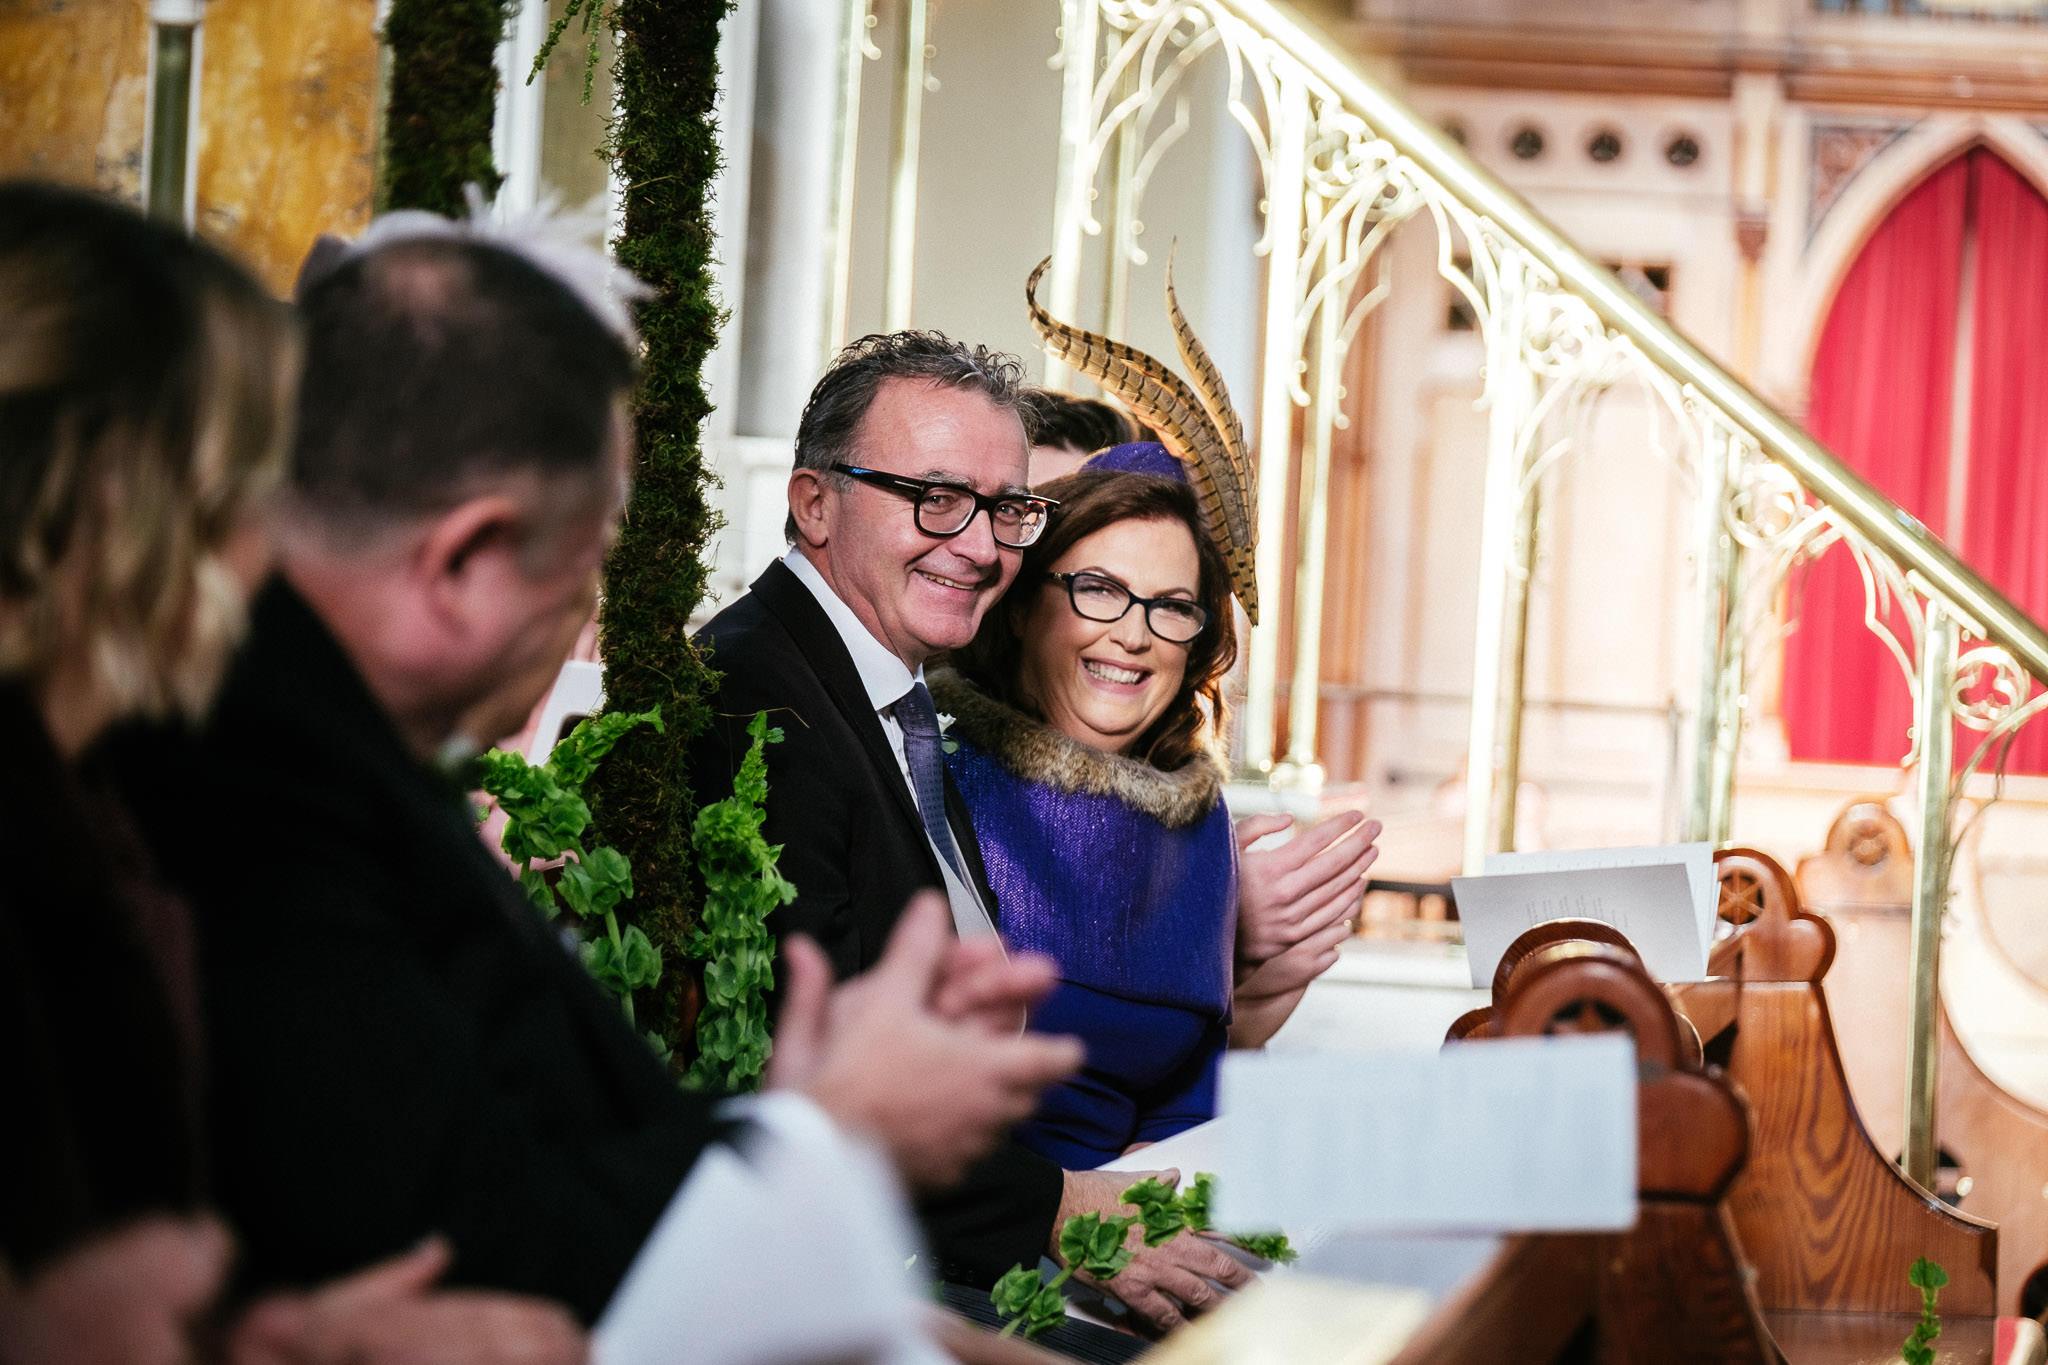 brides parents laughing